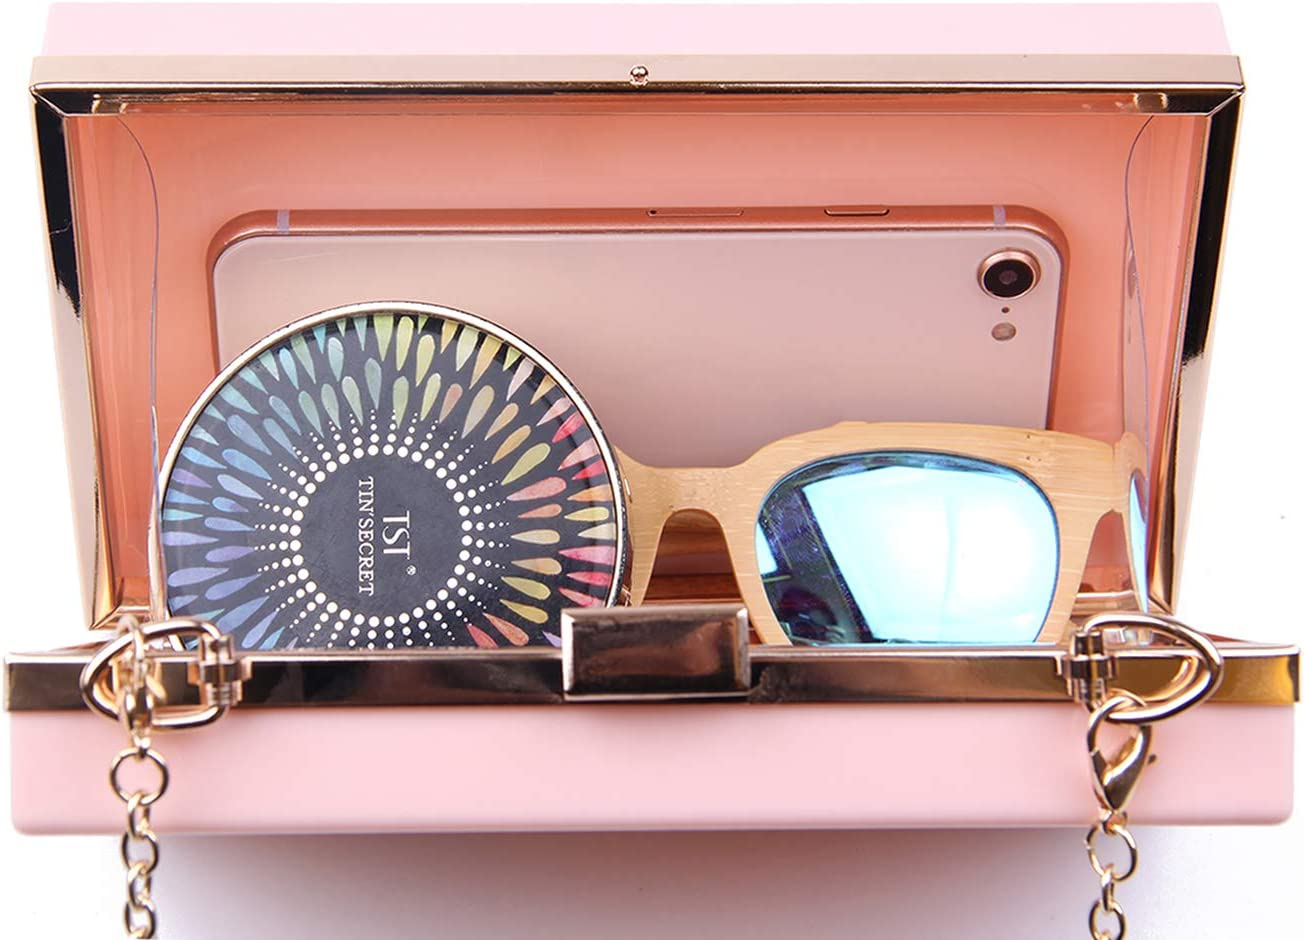 EVEOUT Femmes Acrylique De /À La Mode Transparent Soir/ée Embrayages//Femmes Acrylique Noir Paris Parfum Forme Sac De Soir/ée Bo/îte Claire Gel/ée Sac /À Main Cross Body Purse Sac Dames Cadeau